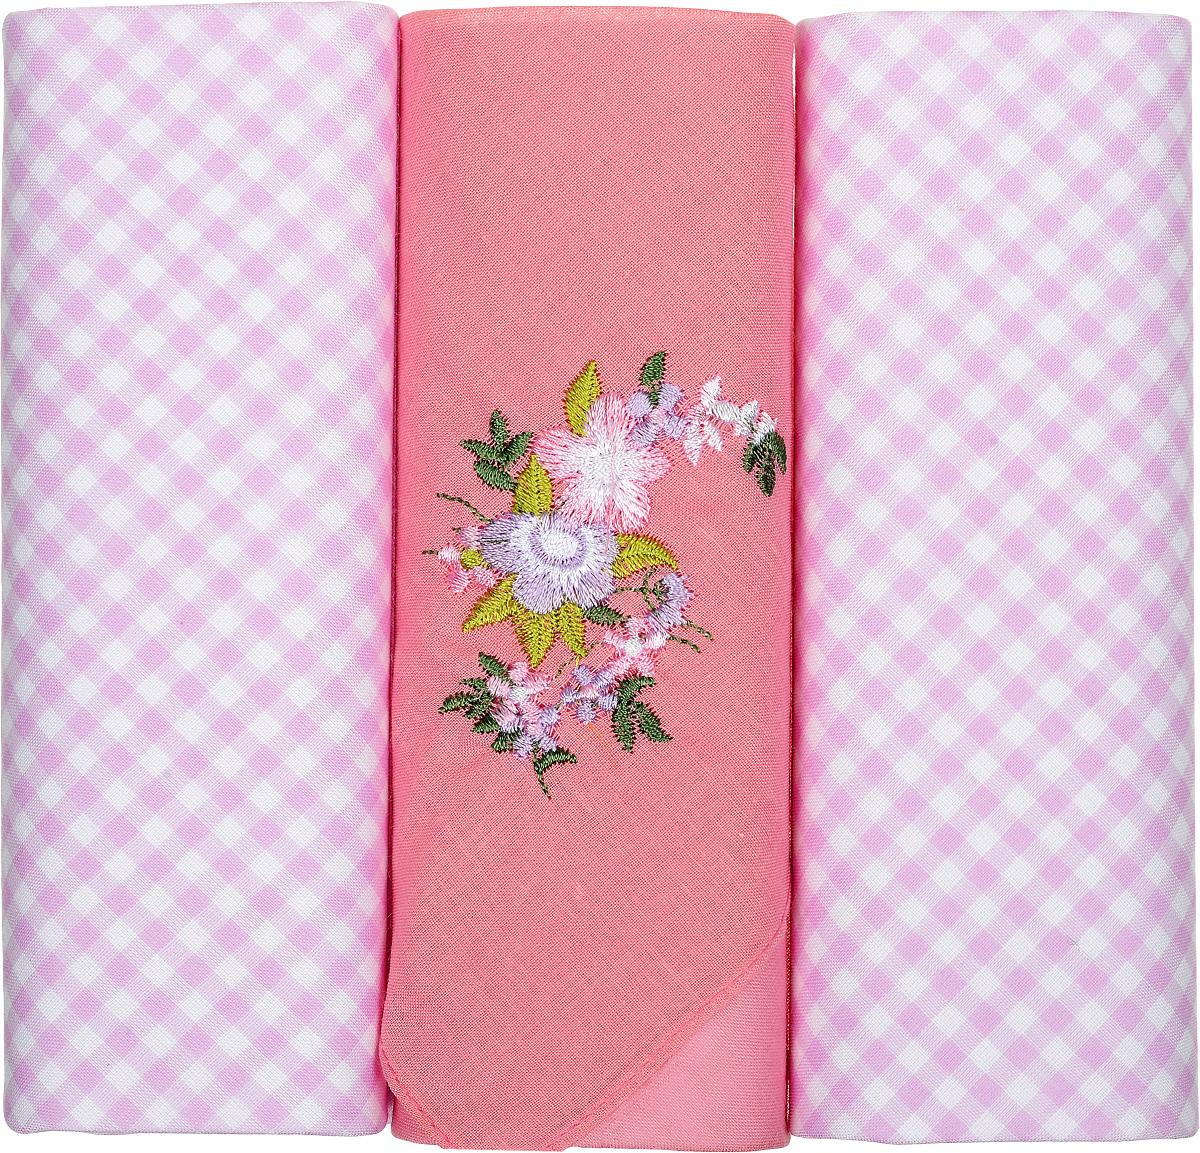 Платок носовой женский Zlata Korunka, цвет: розовый, 3 шт. 90330-2. Размер 28 см х 28 см90330-2Небольшой женский носовой платок Zlata Korunka изготовлен из высококачественного натурального хлопка, благодаря чему приятен в использовании, хорошо стирается, не садится и отлично впитывает влагу. Практичный и изящный носовой платок будет незаменим в повседневной жизни любого современного человека. Такой платок послужит стильным аксессуаром и подчеркнет ваше превосходное чувство вкуса. В комплекте 3 платка.